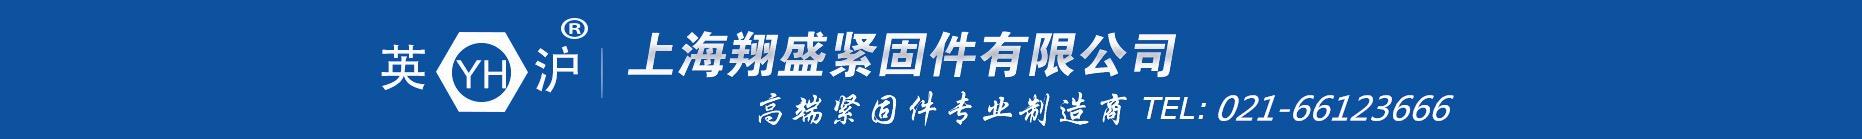 上海翔盛紧固件有限公司